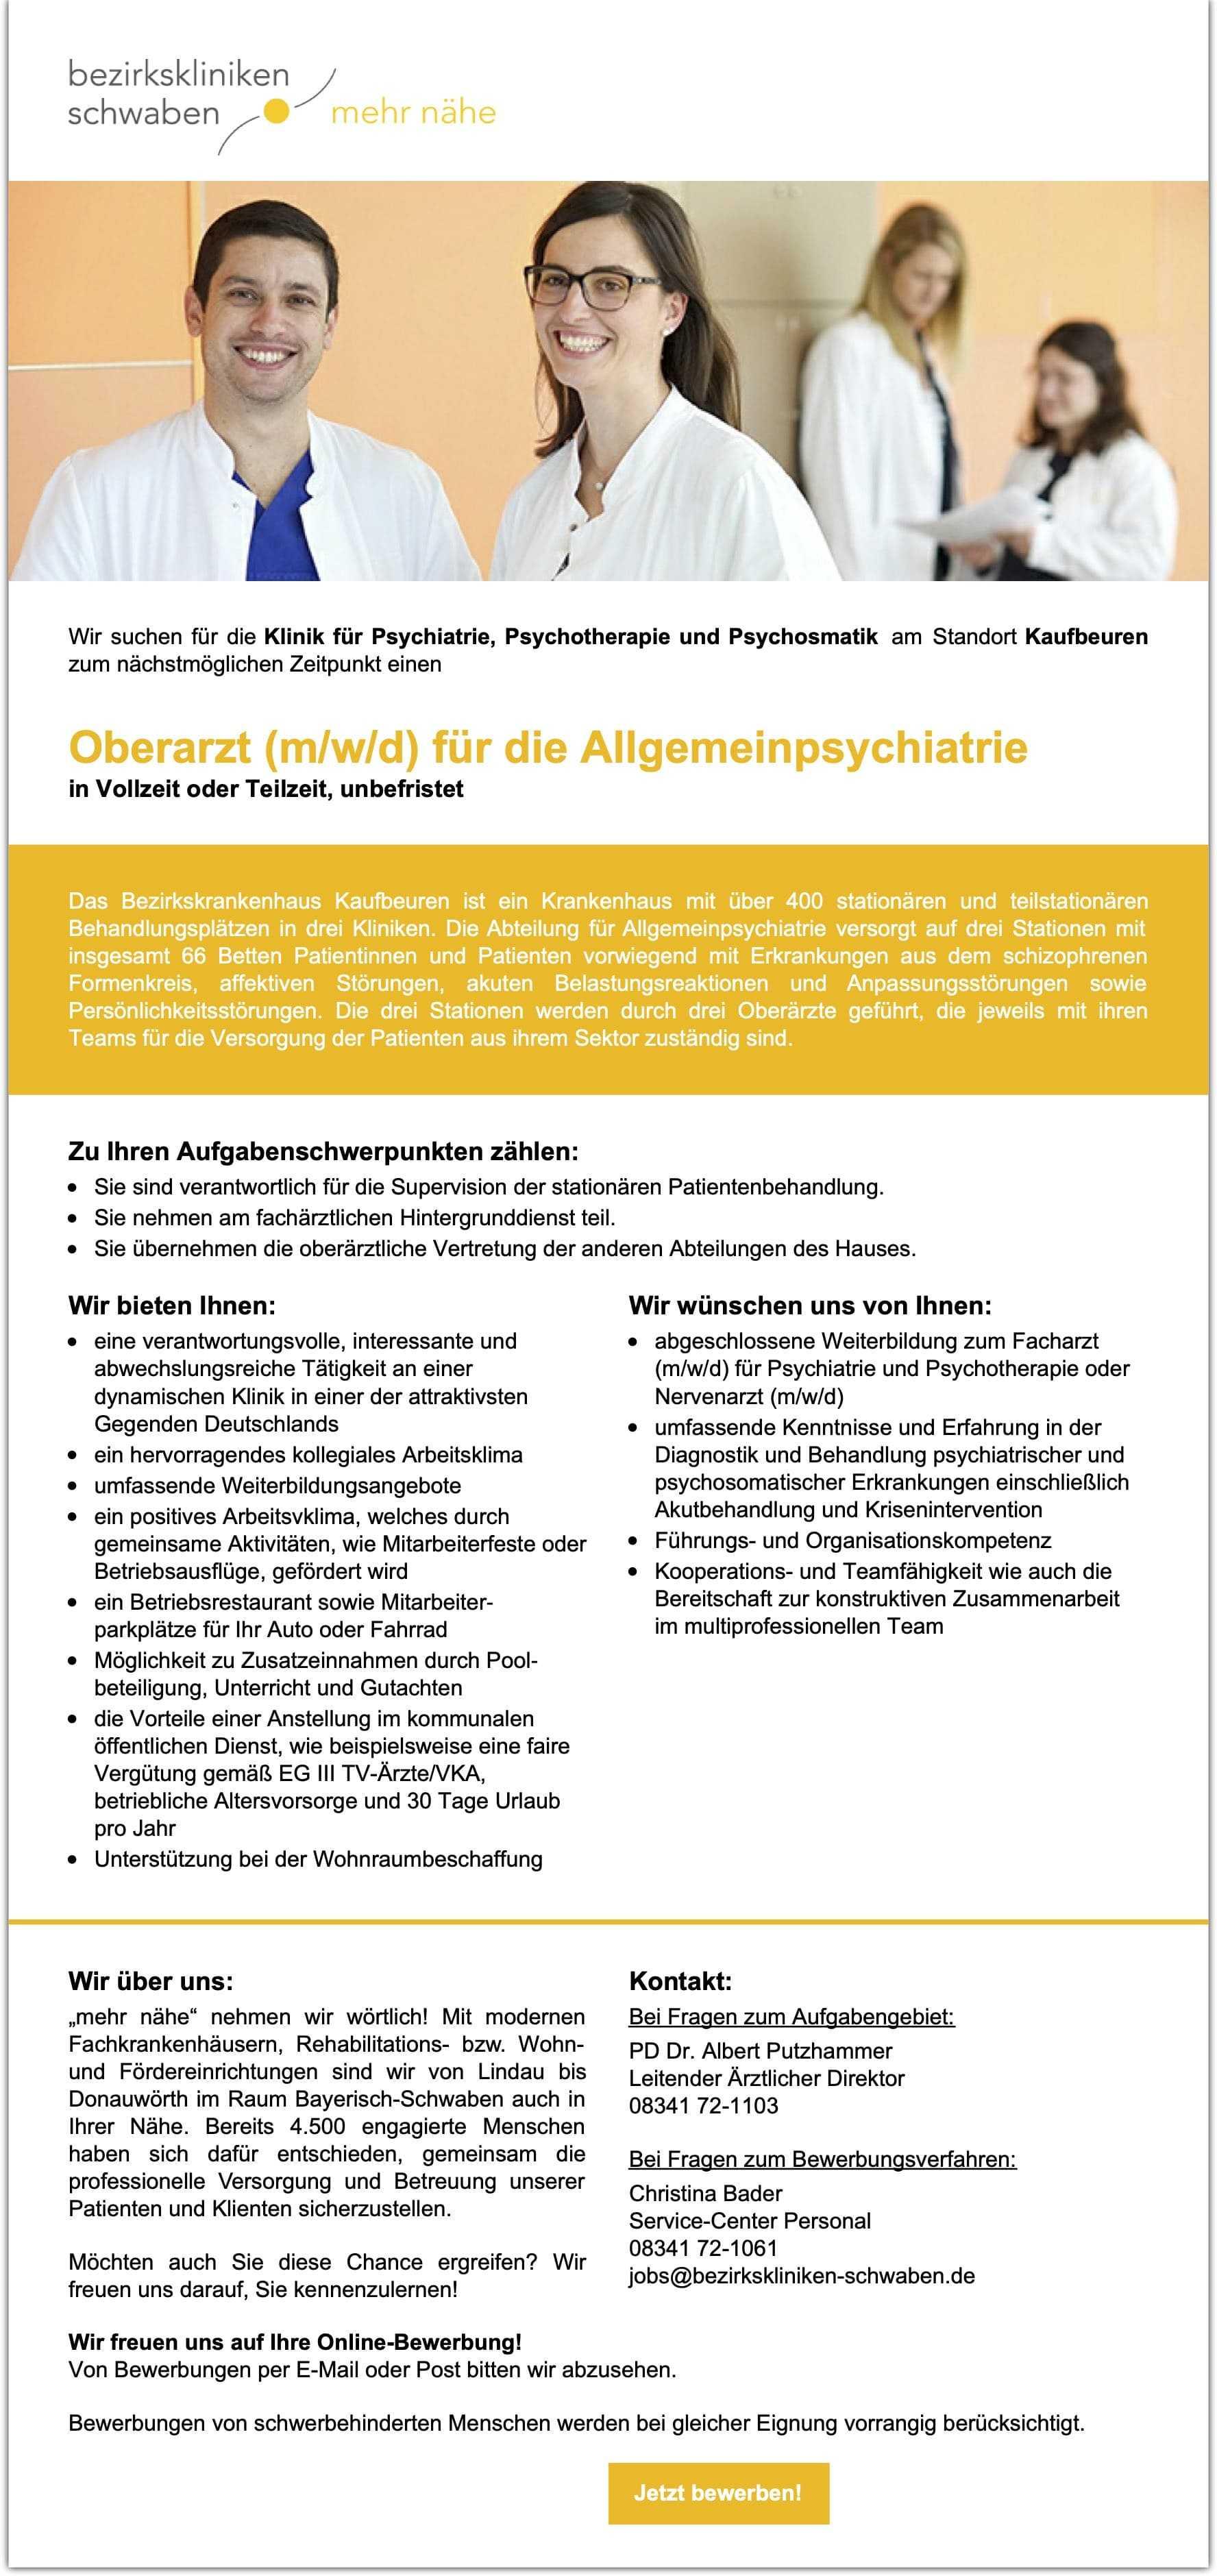 Oberarzt (m/w/d) für die Allgemeinpsychiatrie